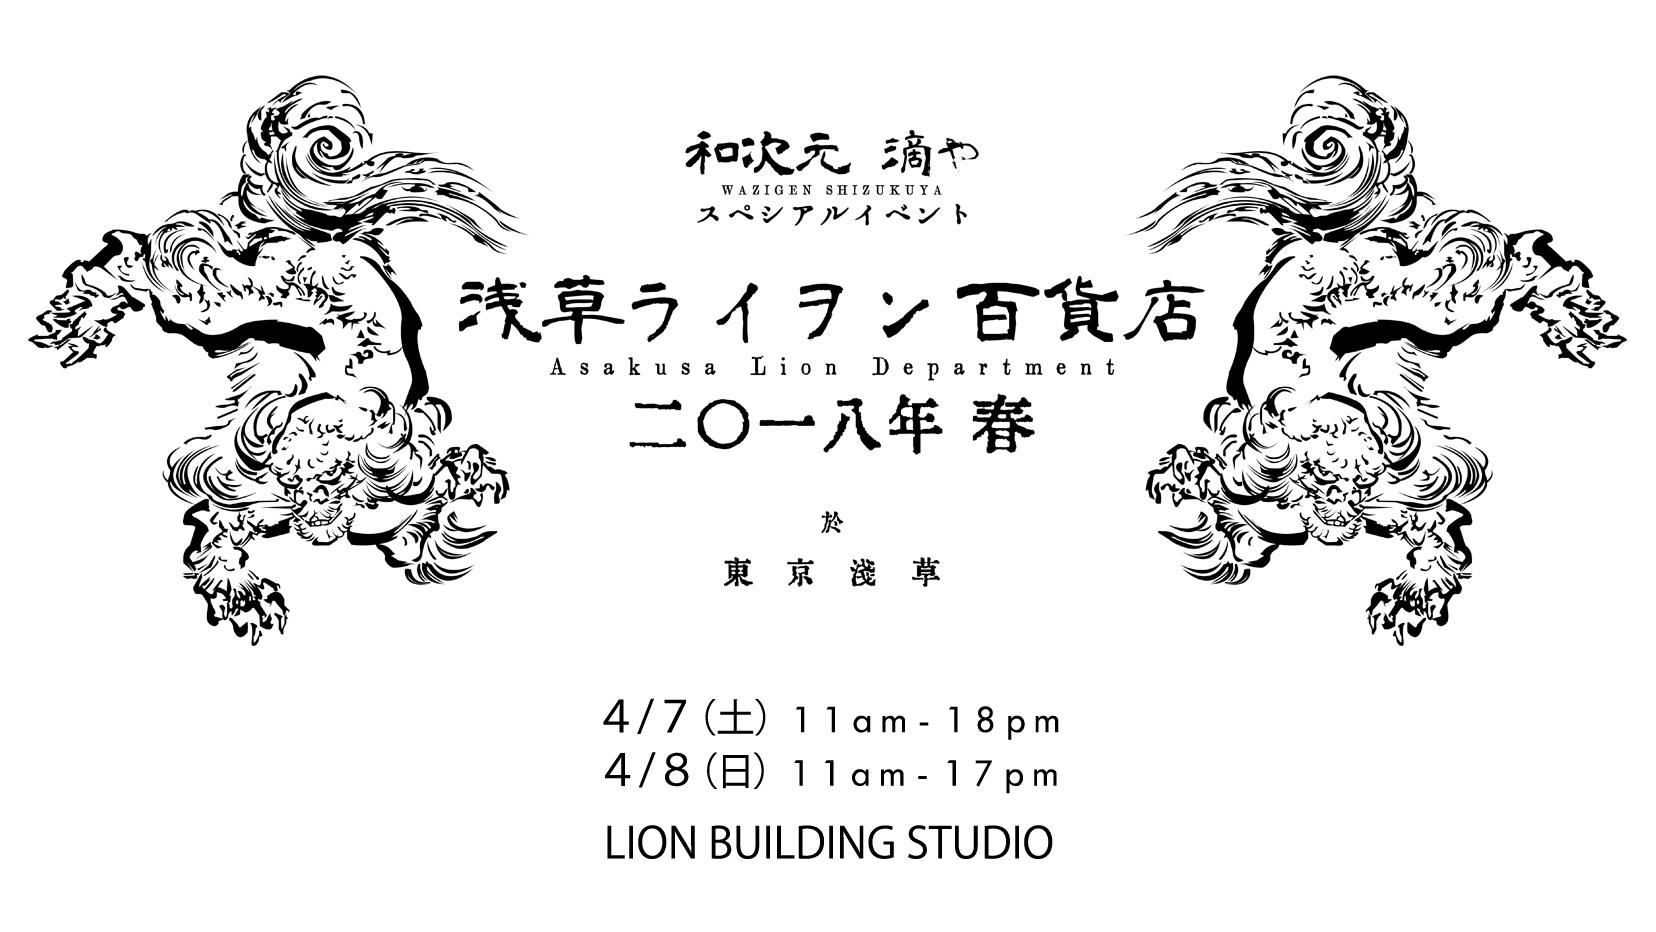 和次元 滴や in『浅草ライヲン百貨店 '18・春』